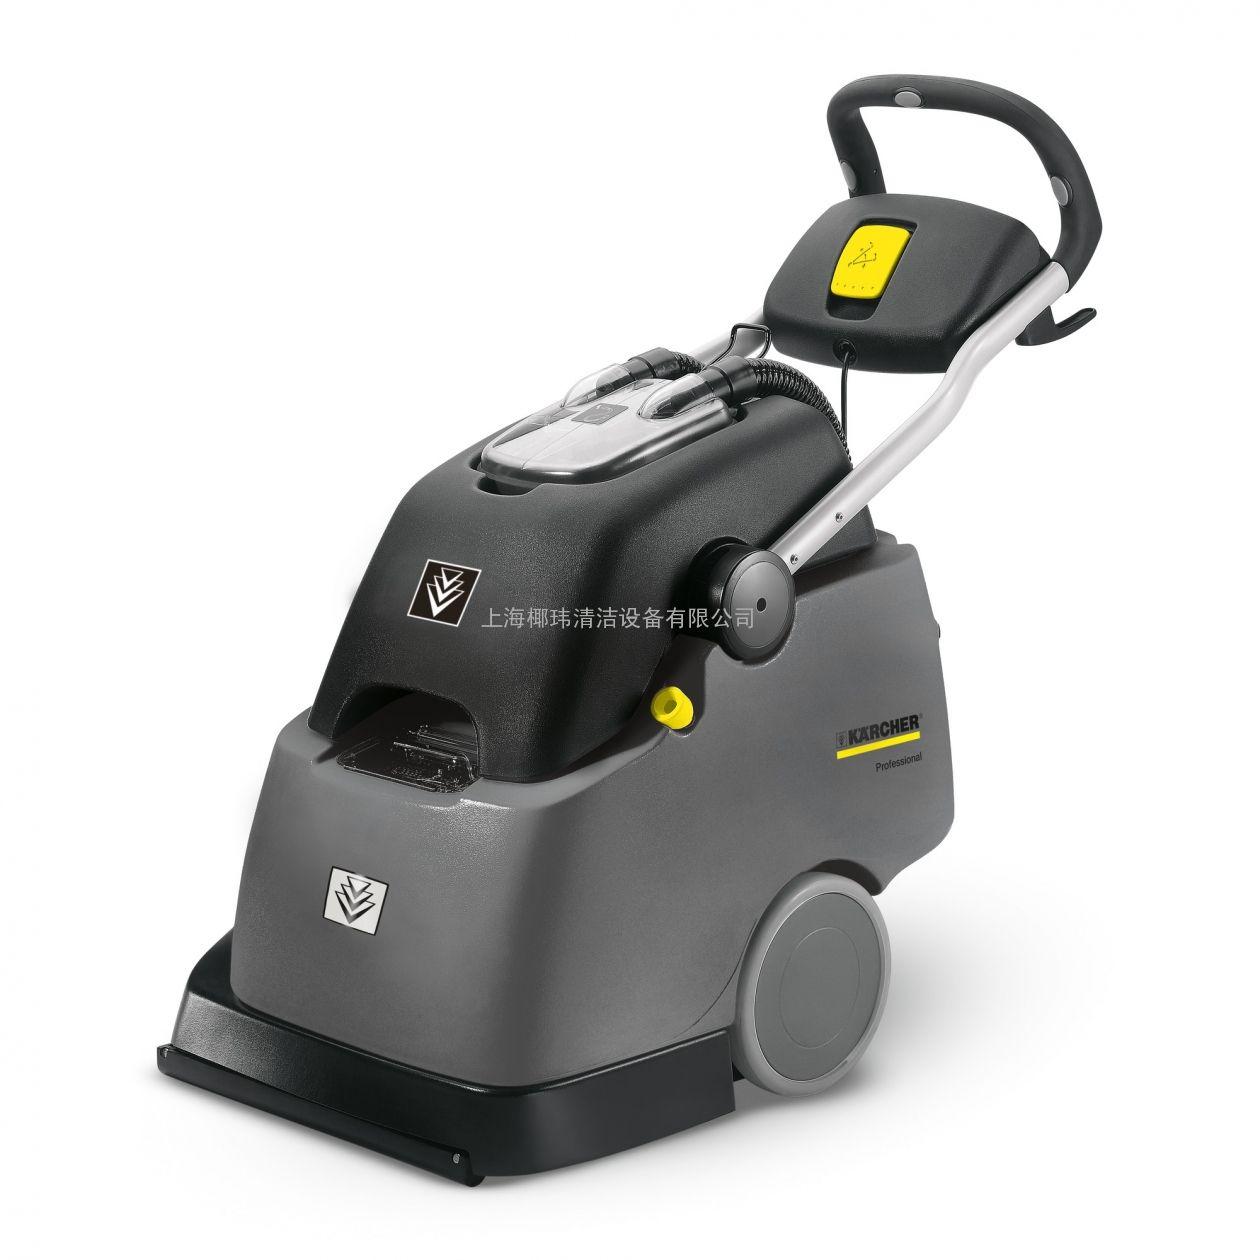 德国凯驰 三合一地毯清洗机 BRC45/45 C